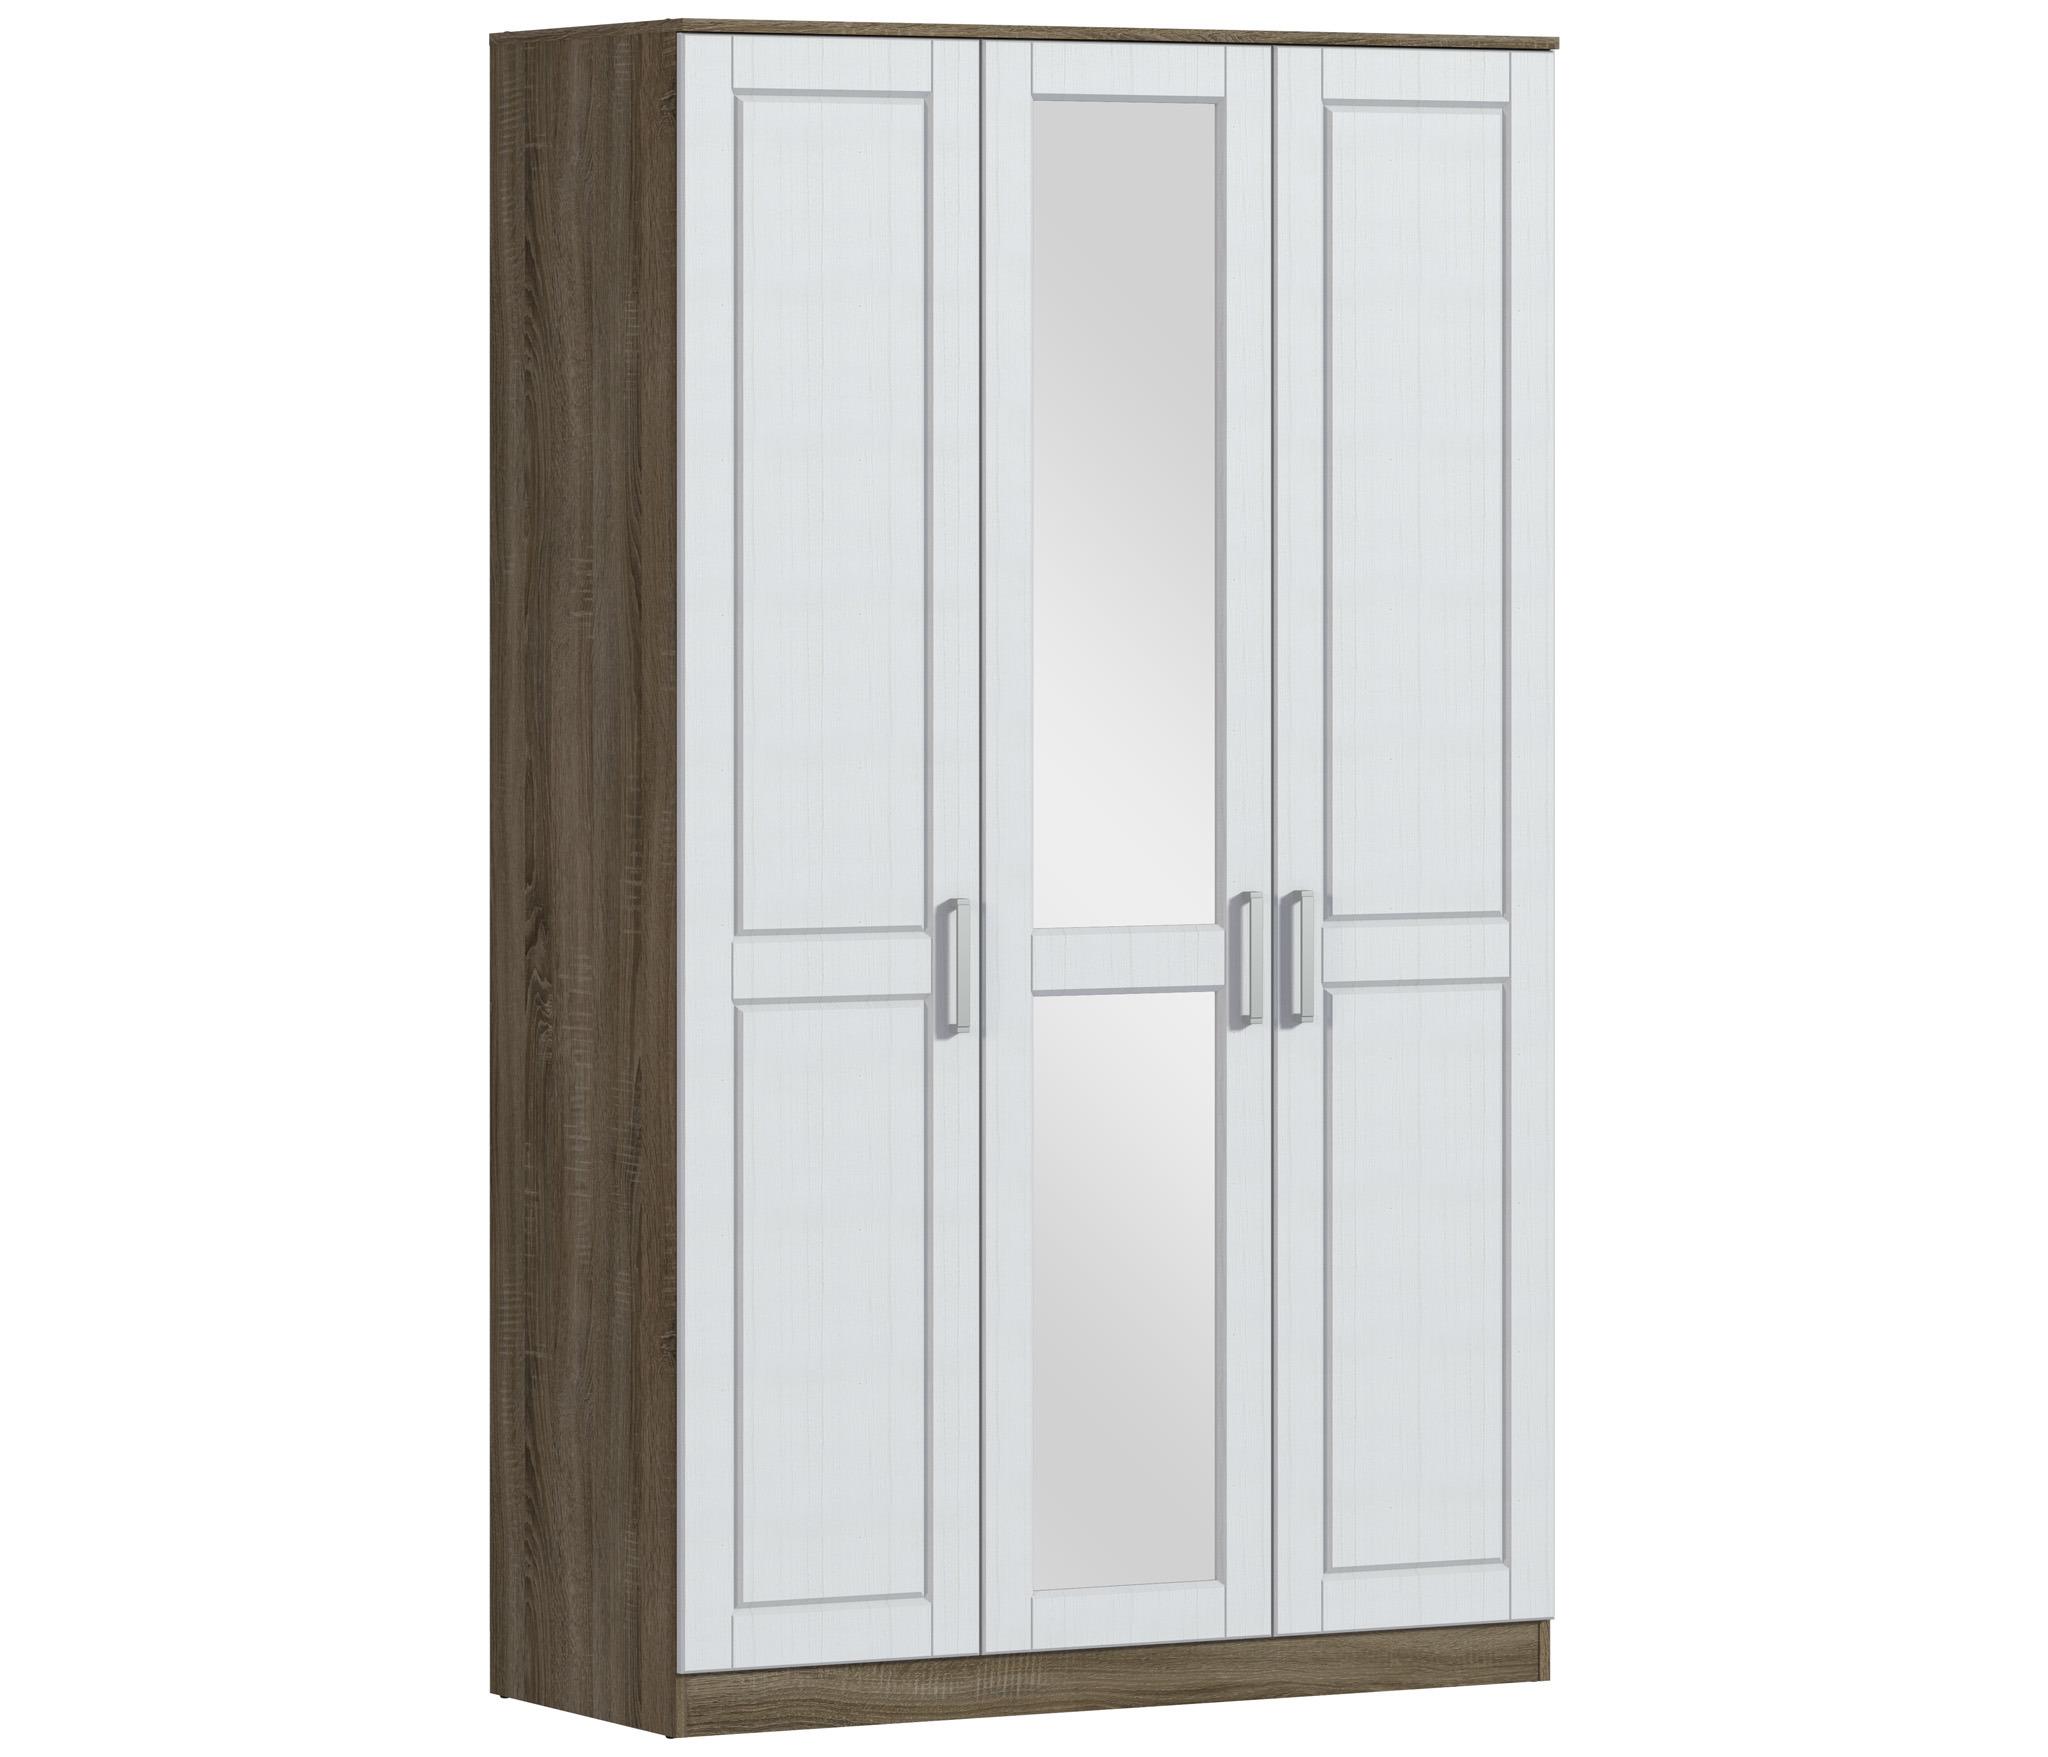 Илона (Прованс) СБ-2667 Шкаф 3-х дверный фото